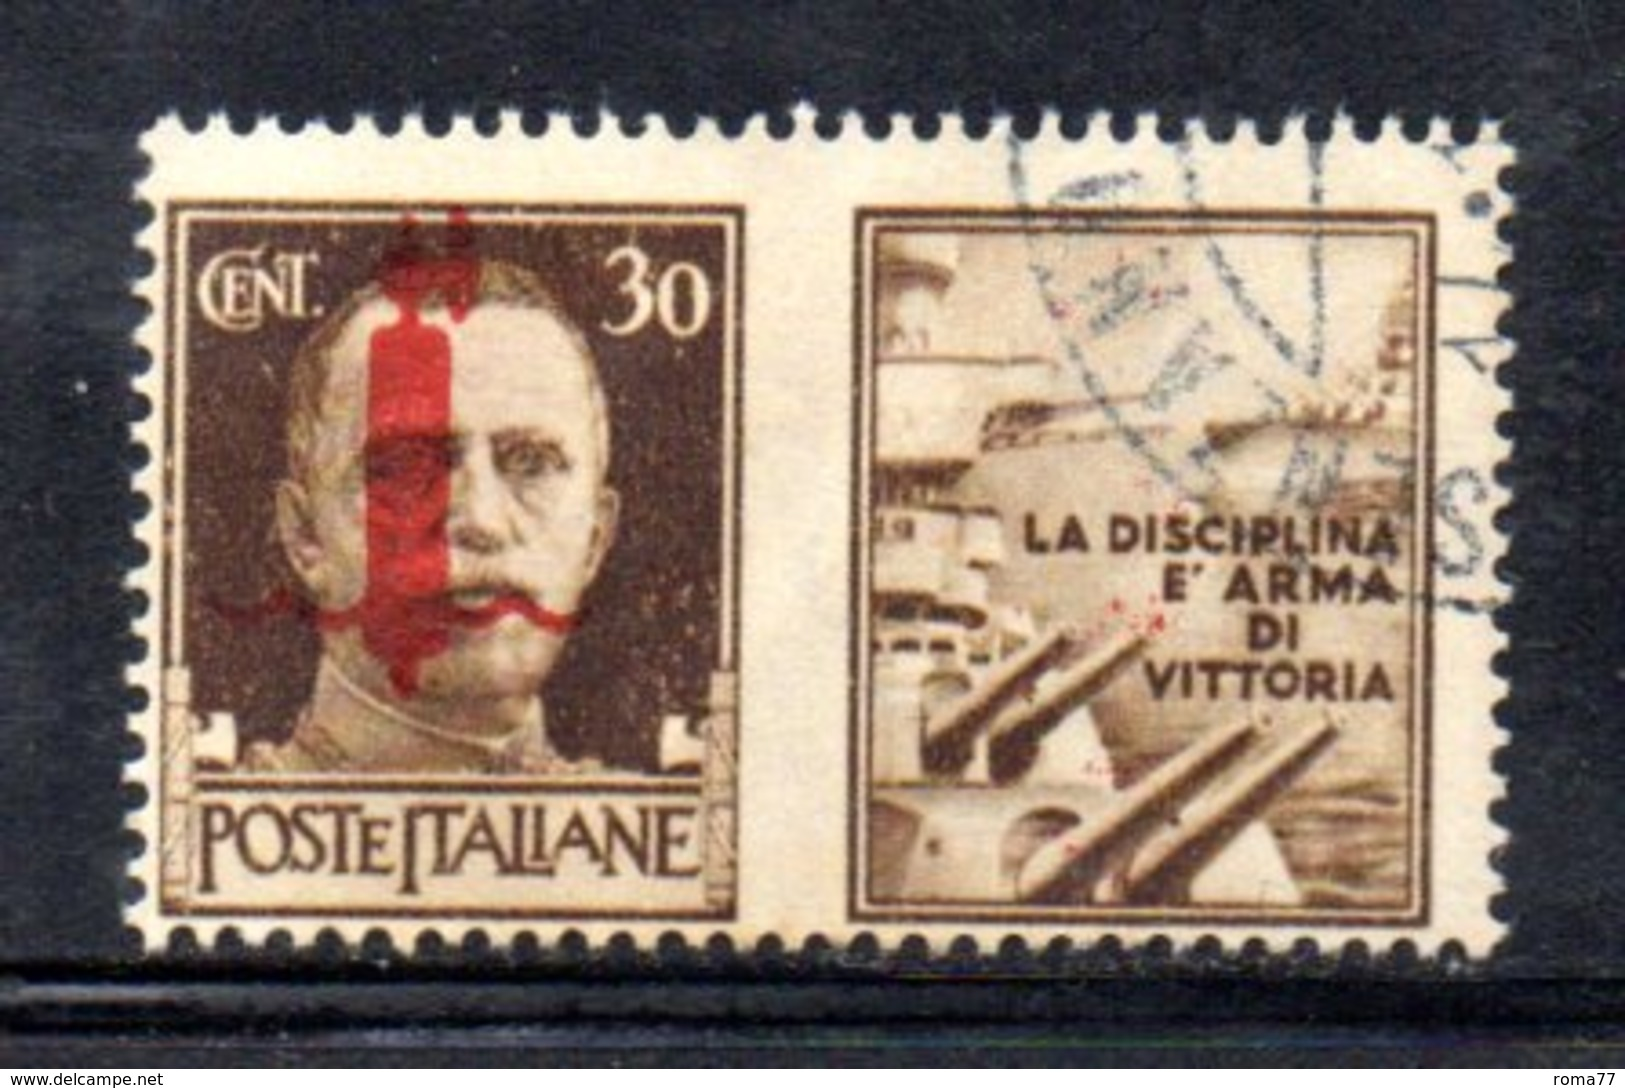 """XP2270 - REPUBBLICA SOCIALE RSI , Propaganda Guerra 30 Cent Usato  """" La Disciplina ..."""" - 4. 1944-45 Repubblica Sociale"""